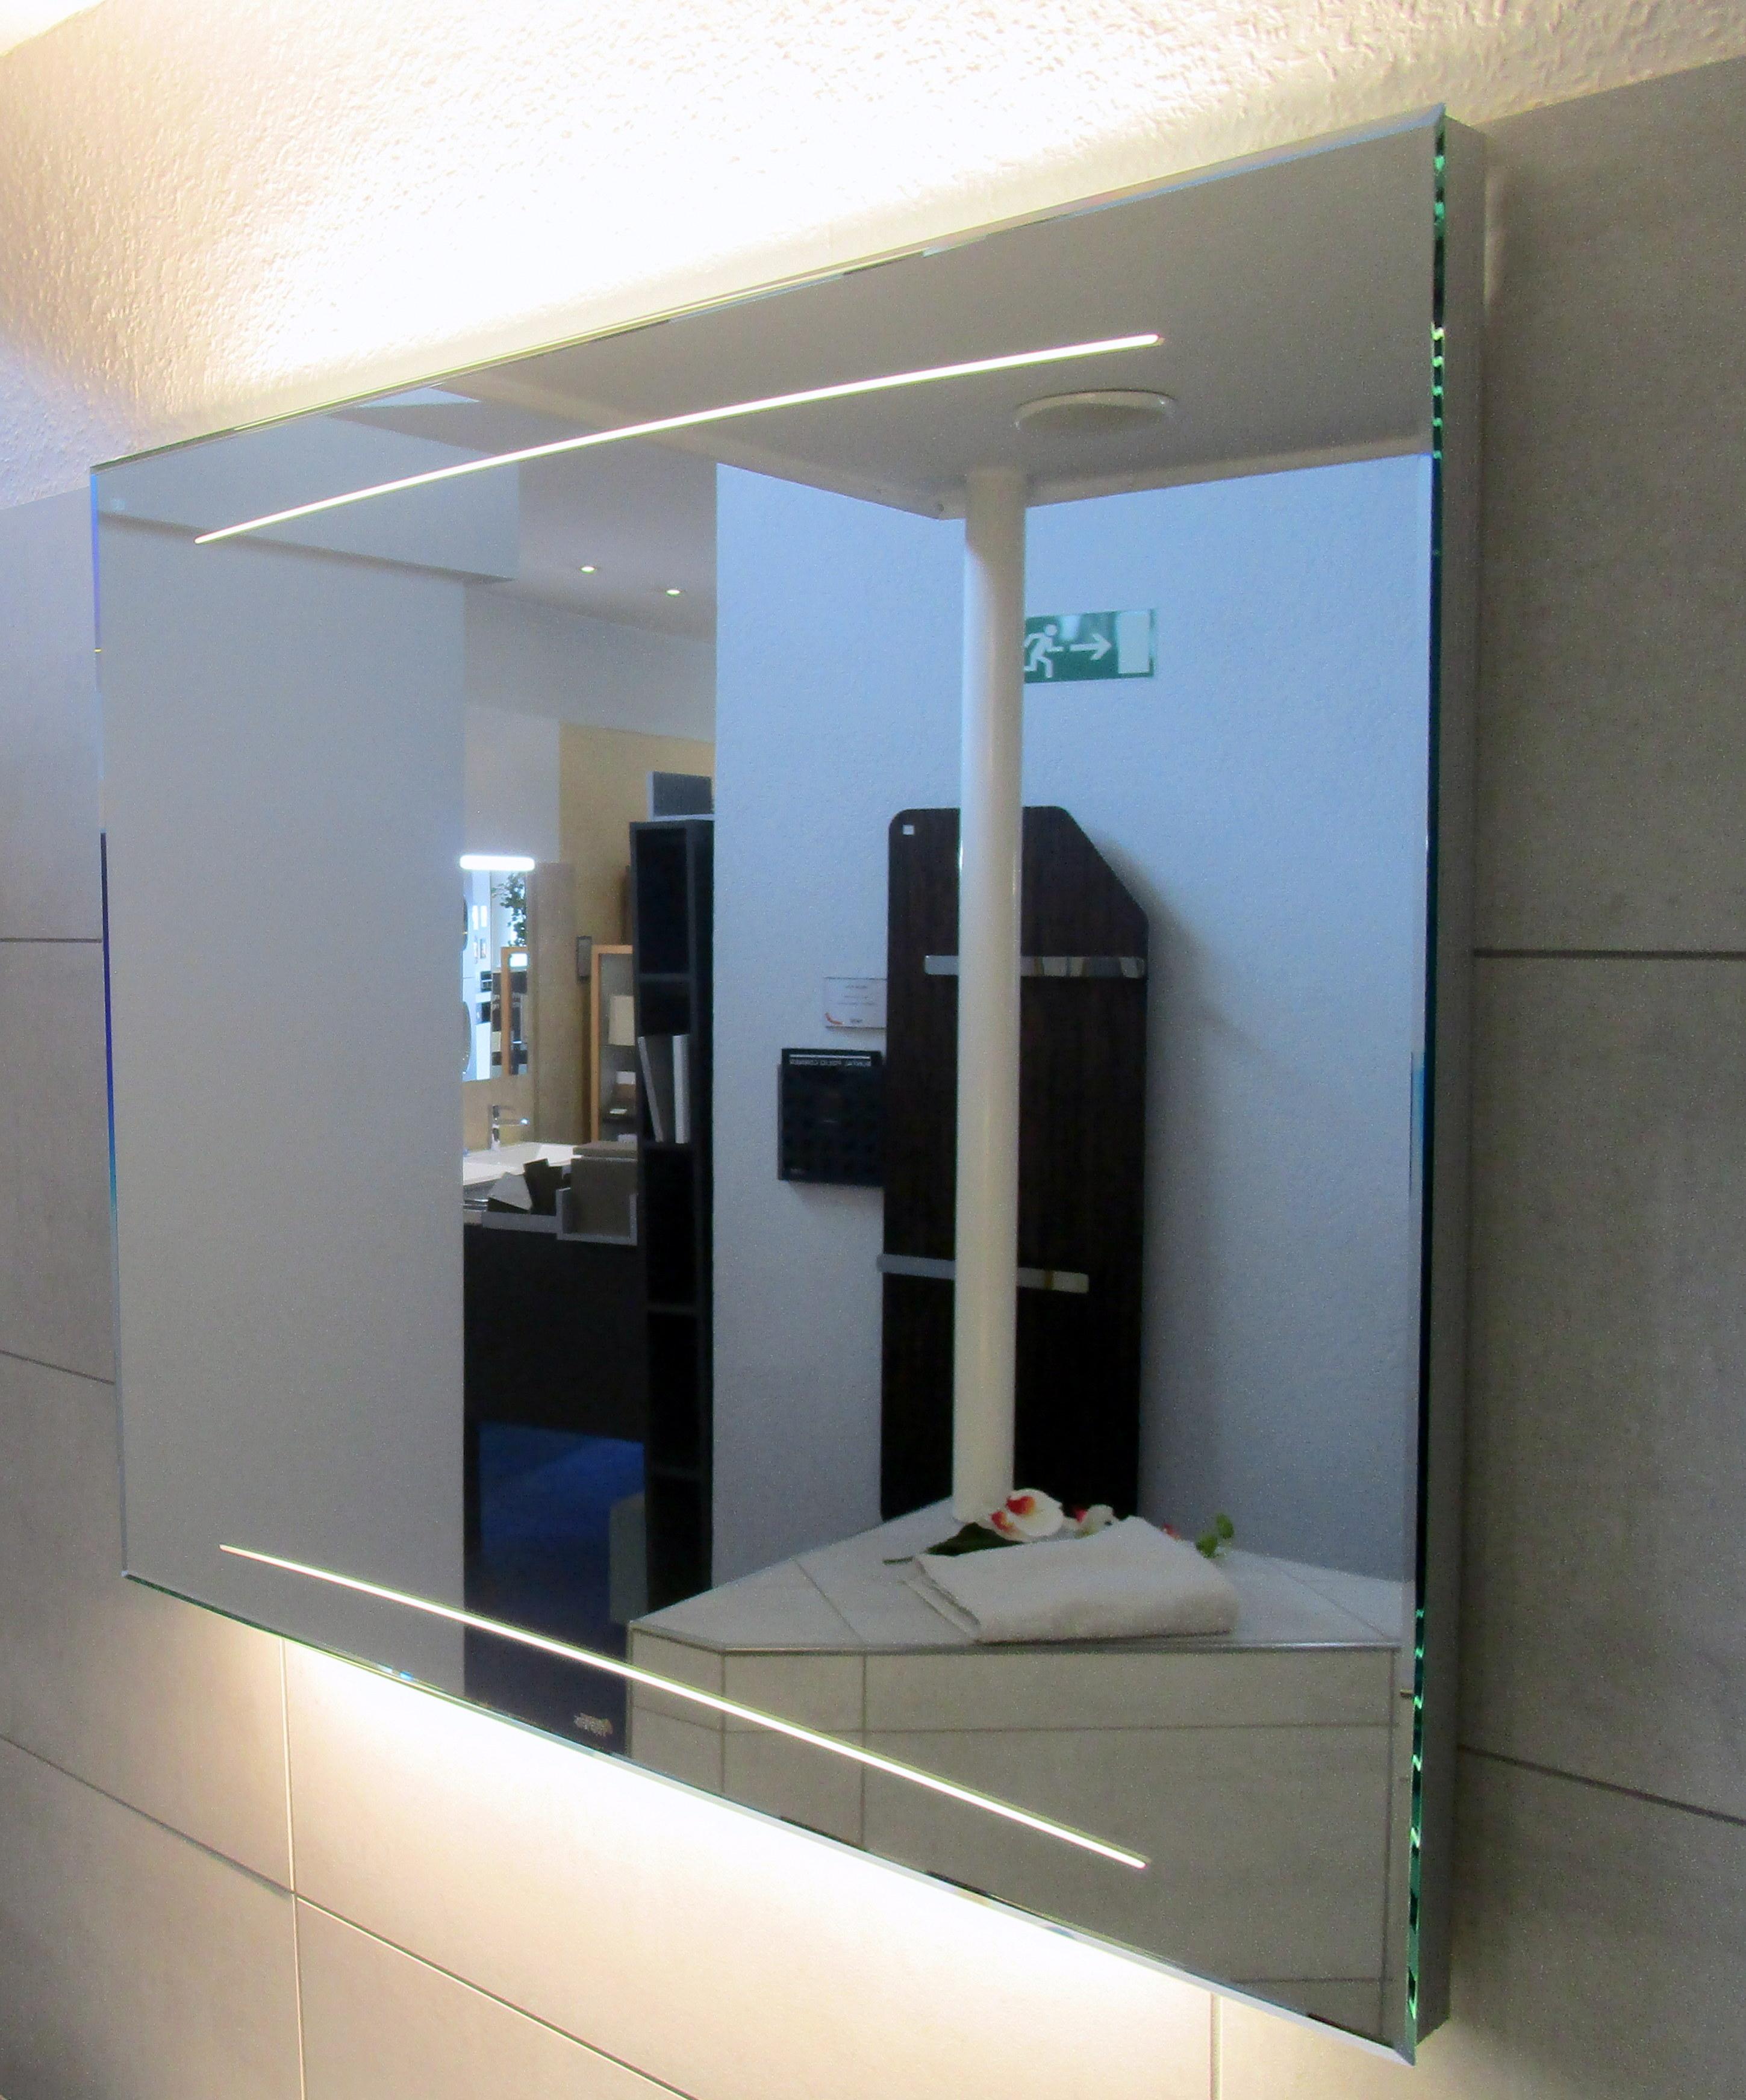 bilder zu zierath z1 lichtspiegel 120x70cm designspiegel mit led hinterleuchtung spiegel. Black Bedroom Furniture Sets. Home Design Ideas